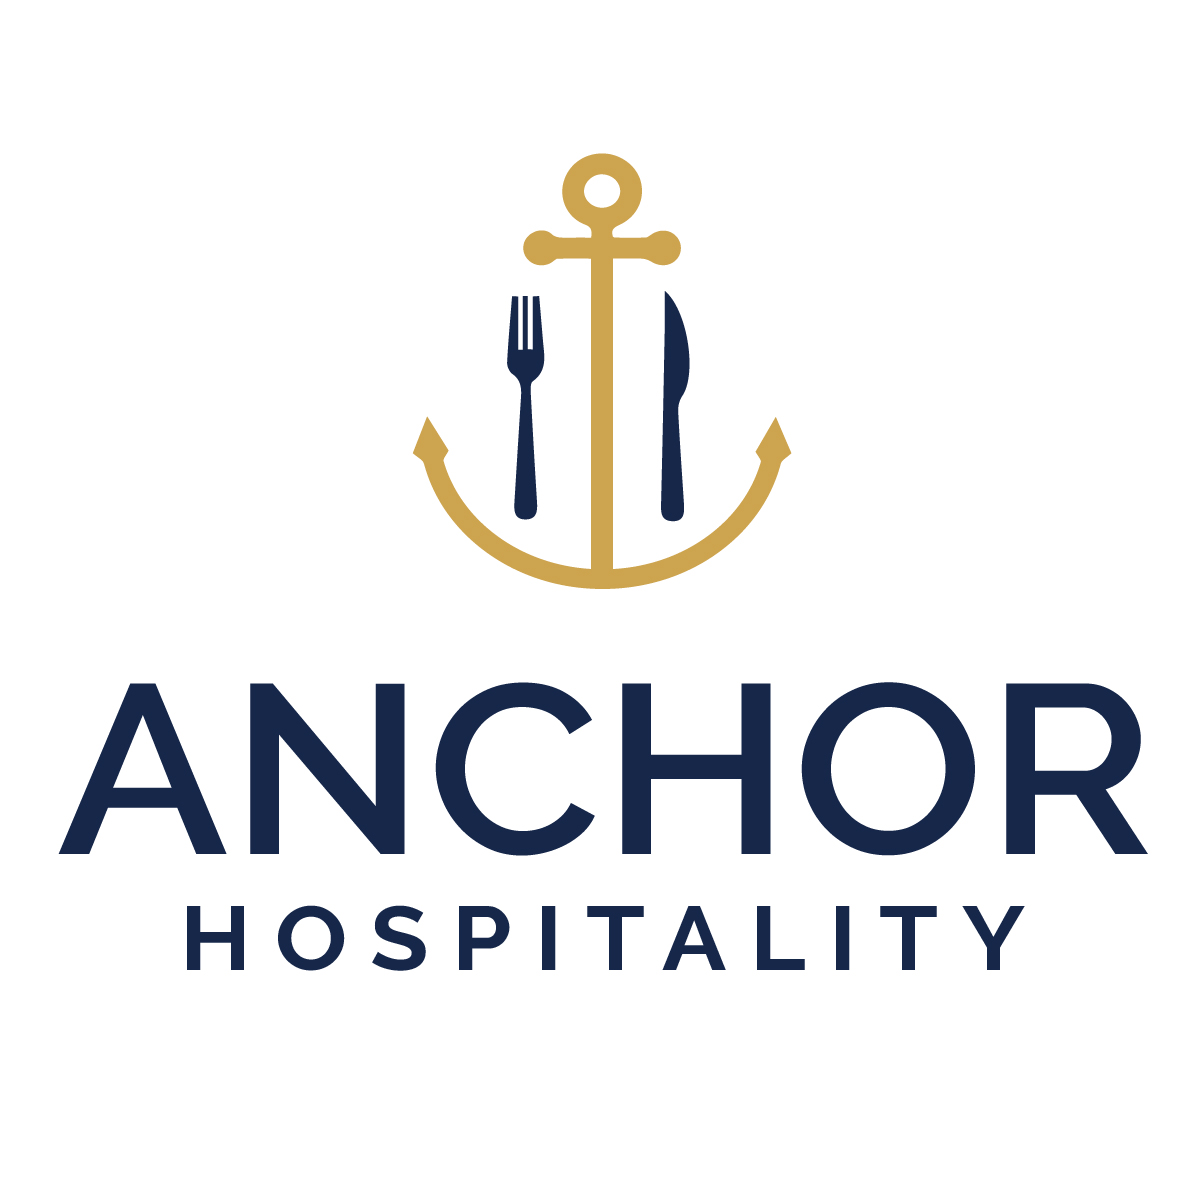 Anchor Hospitality